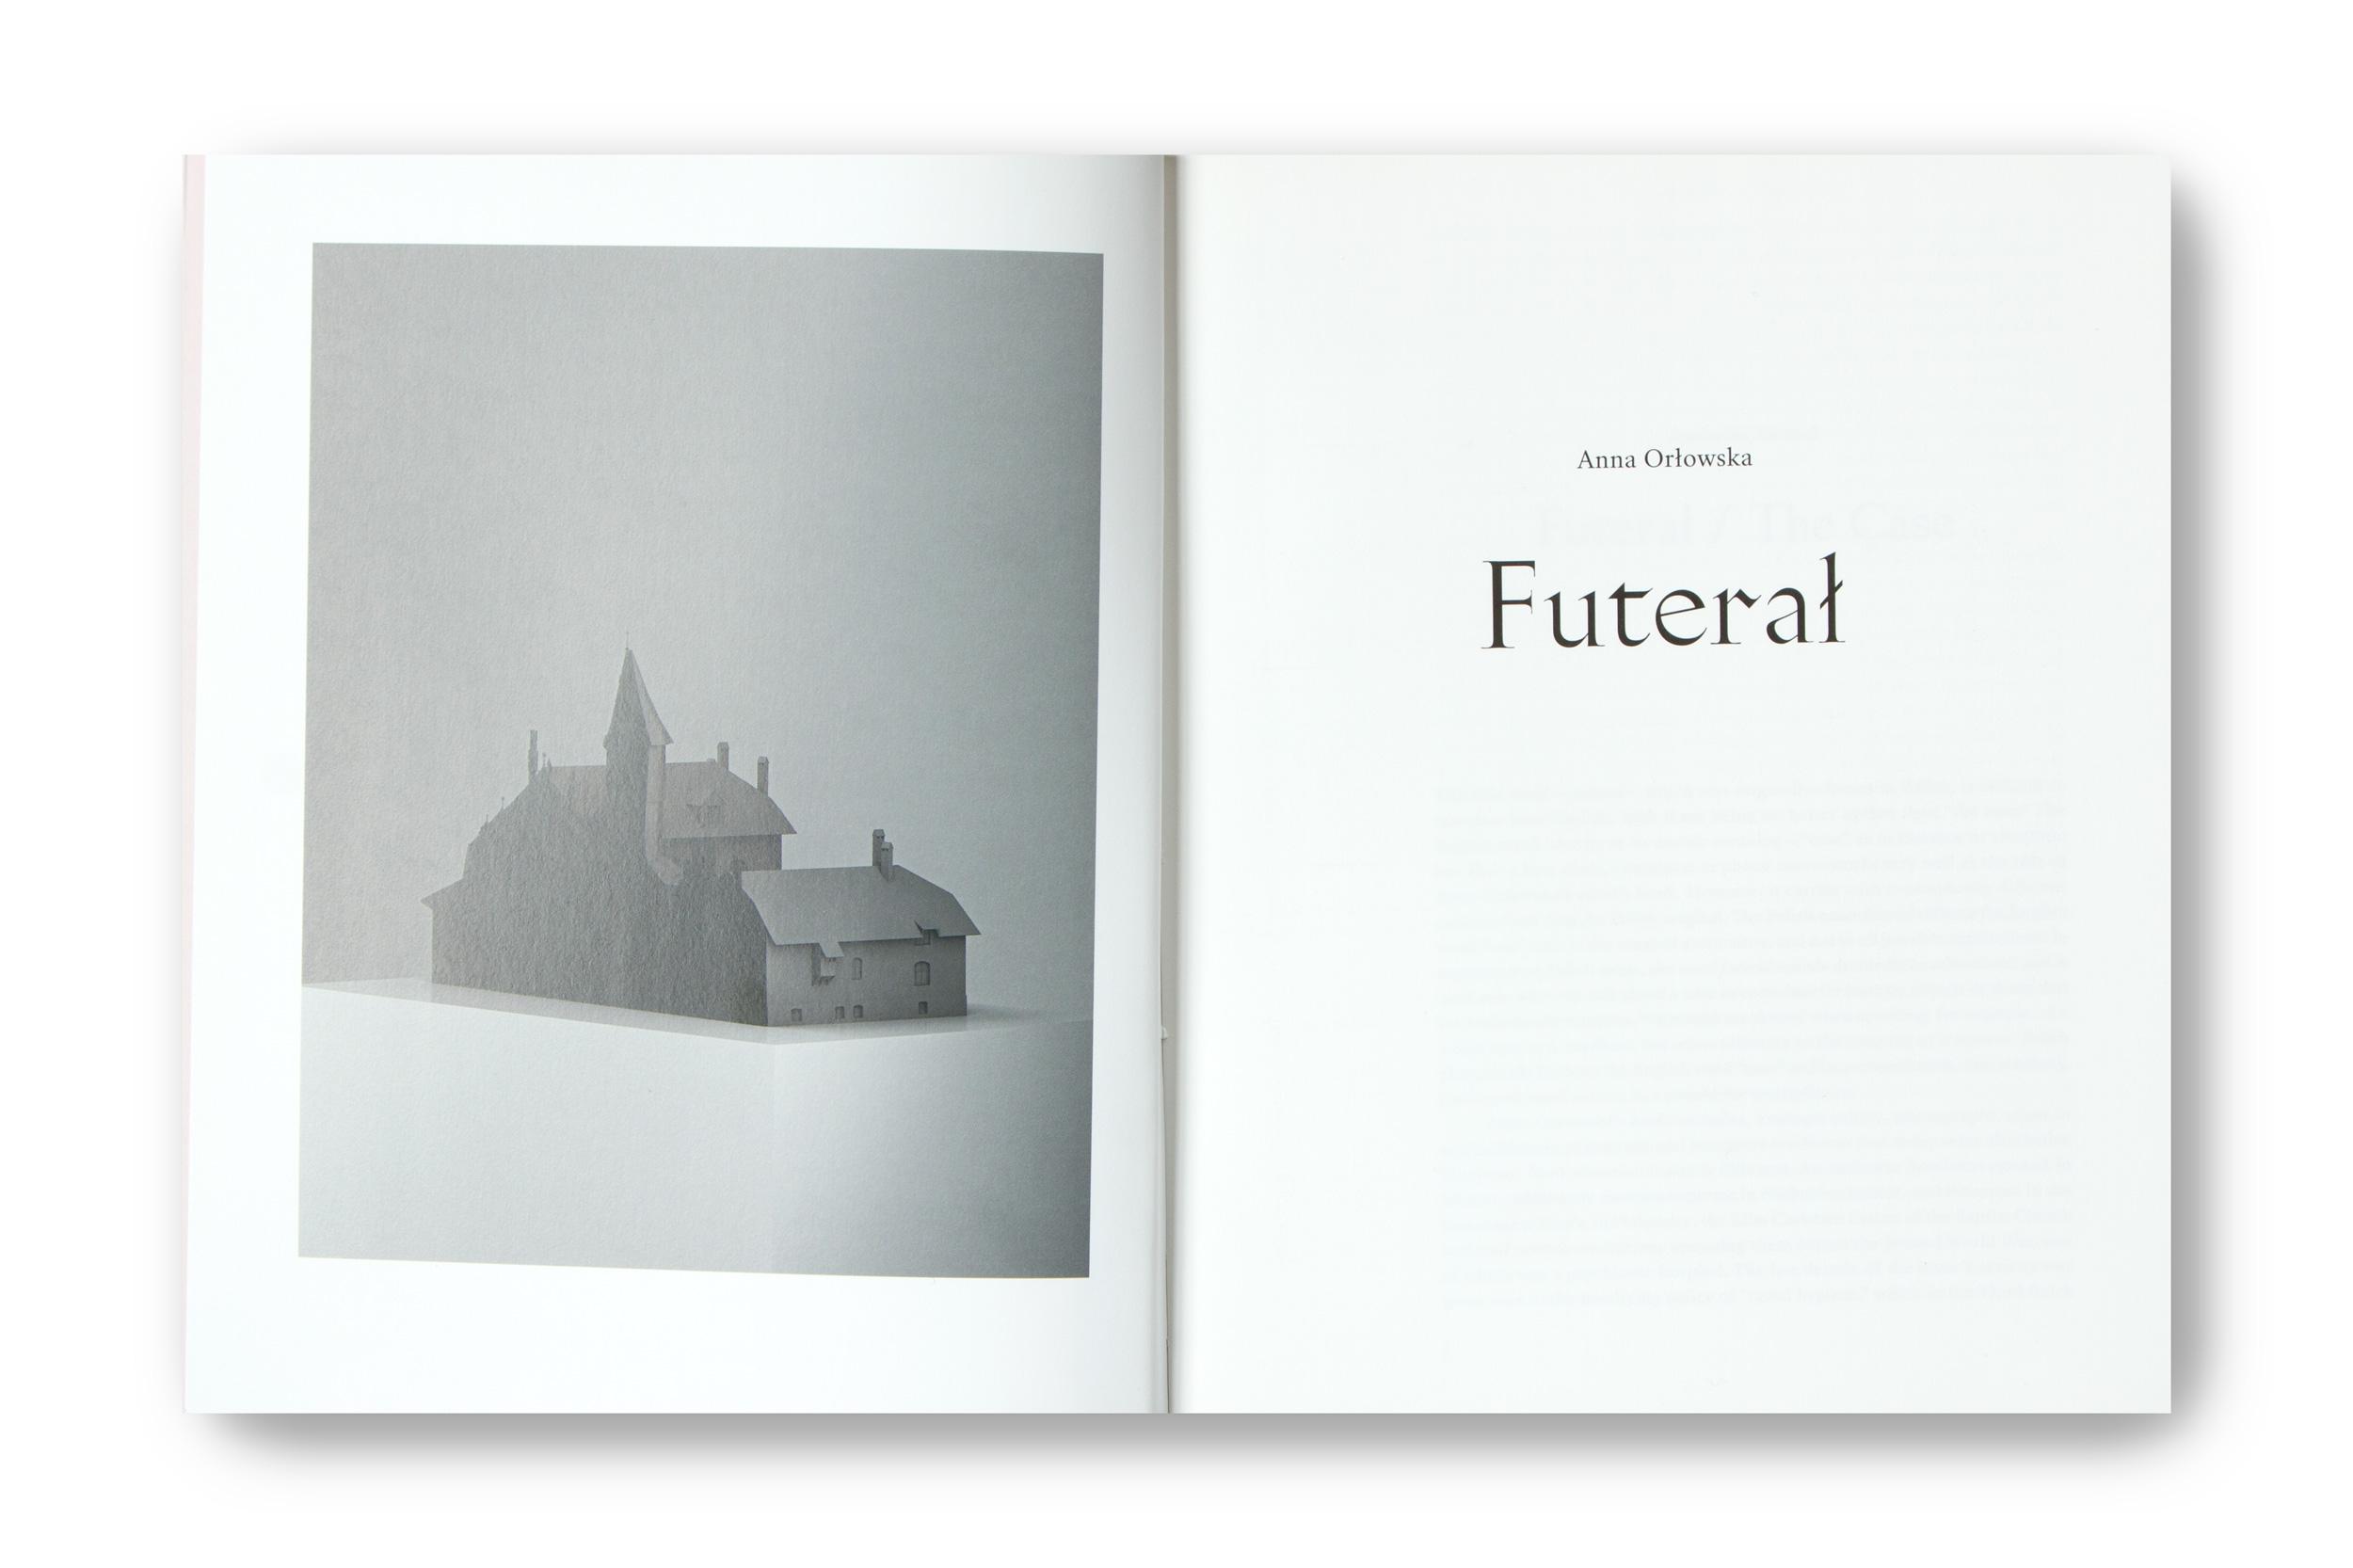 futeral_02.jpg